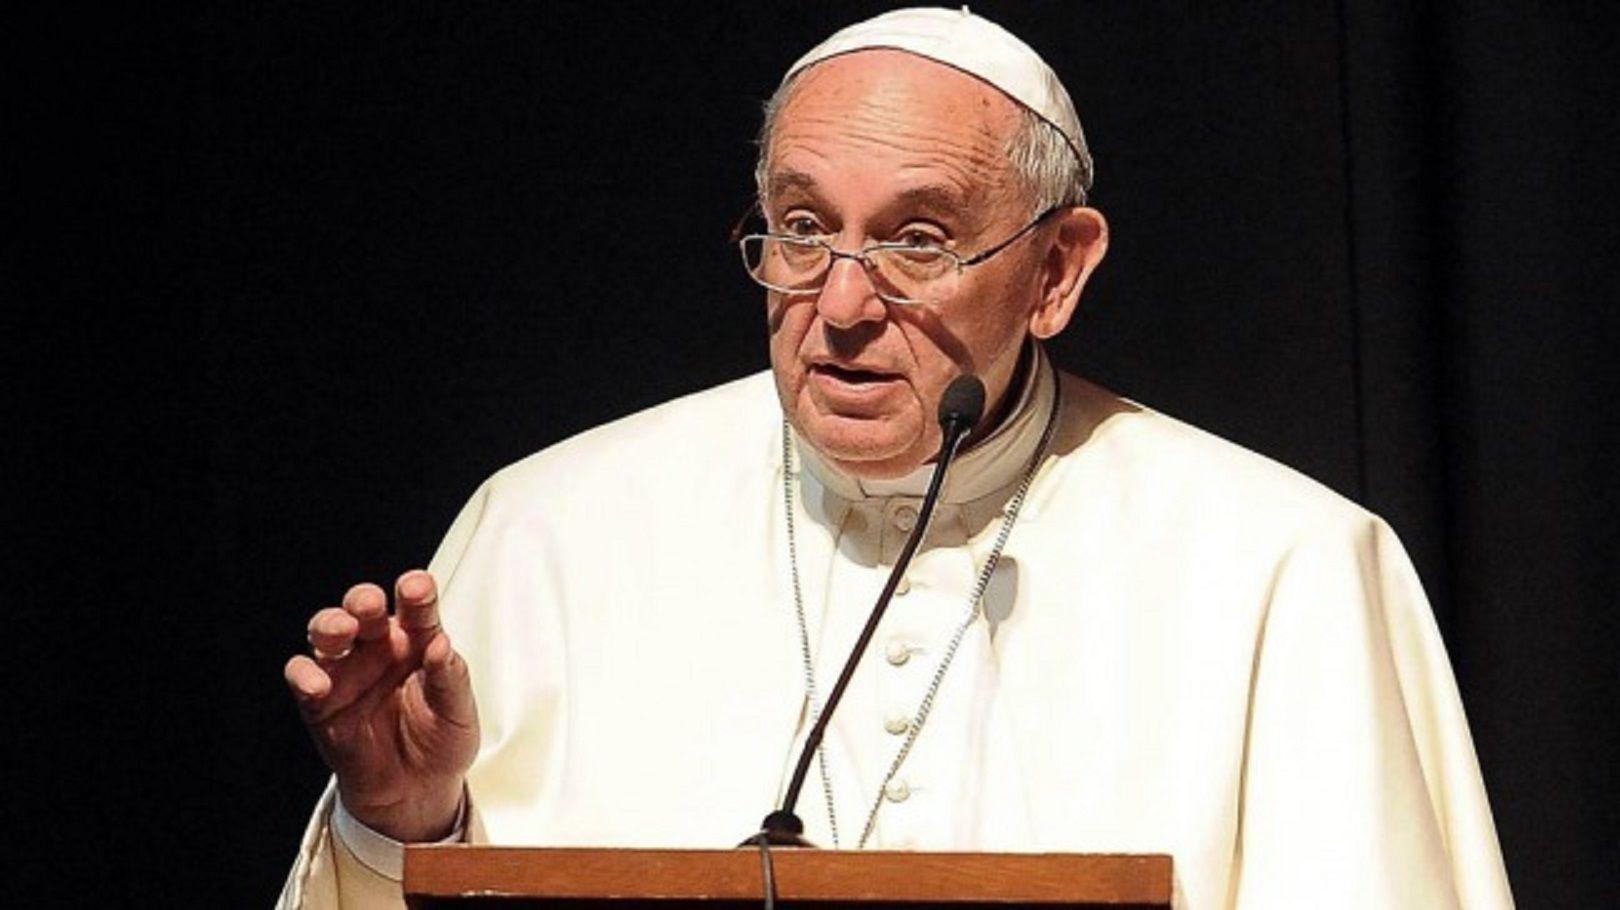 El Papa no descarta que hombres casados cumplan funciones sacerdotales